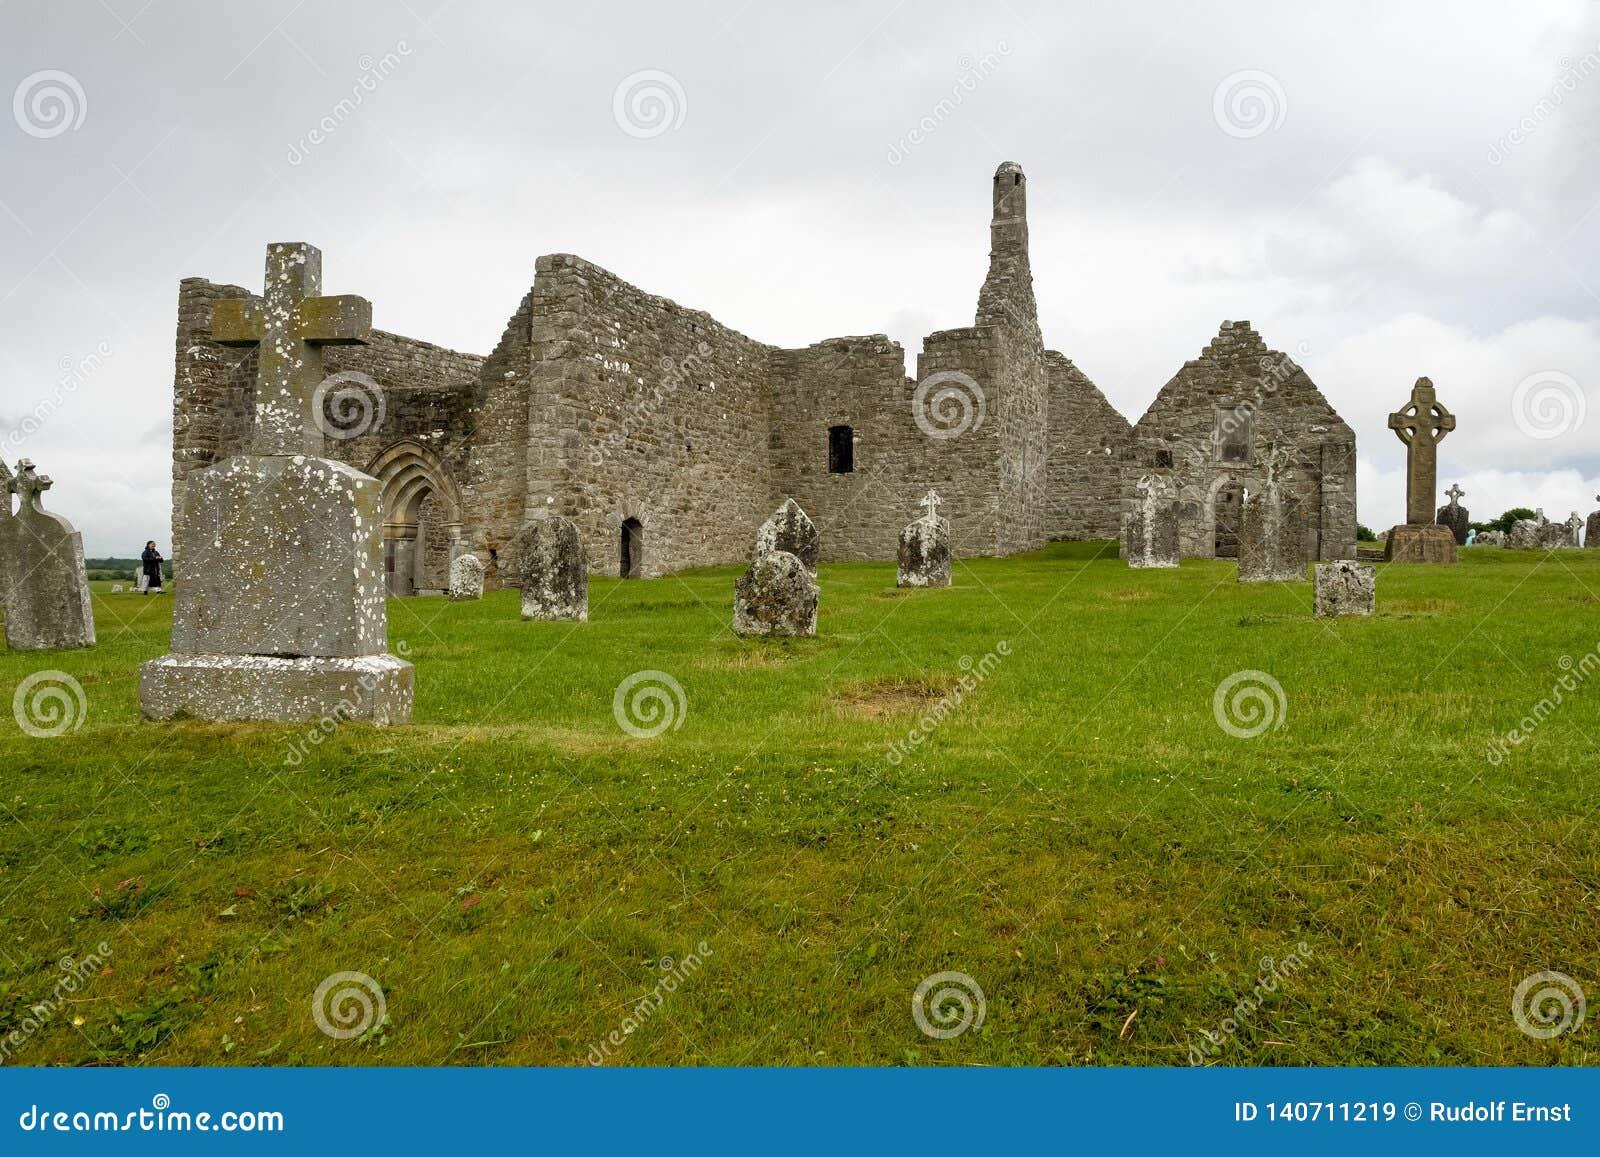 Η αρχαία μοναστική πόλη Clonmacnoise στην Ιρλανδία